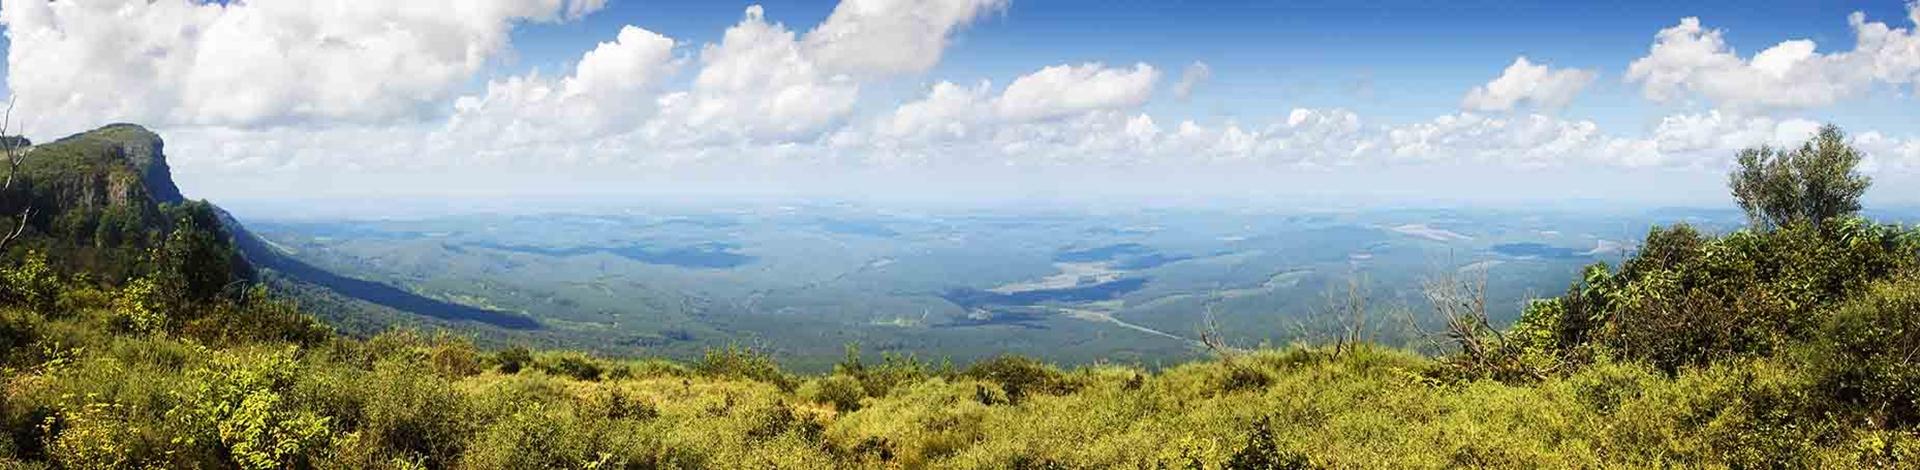 Kruger National Park (Mpumalanga)